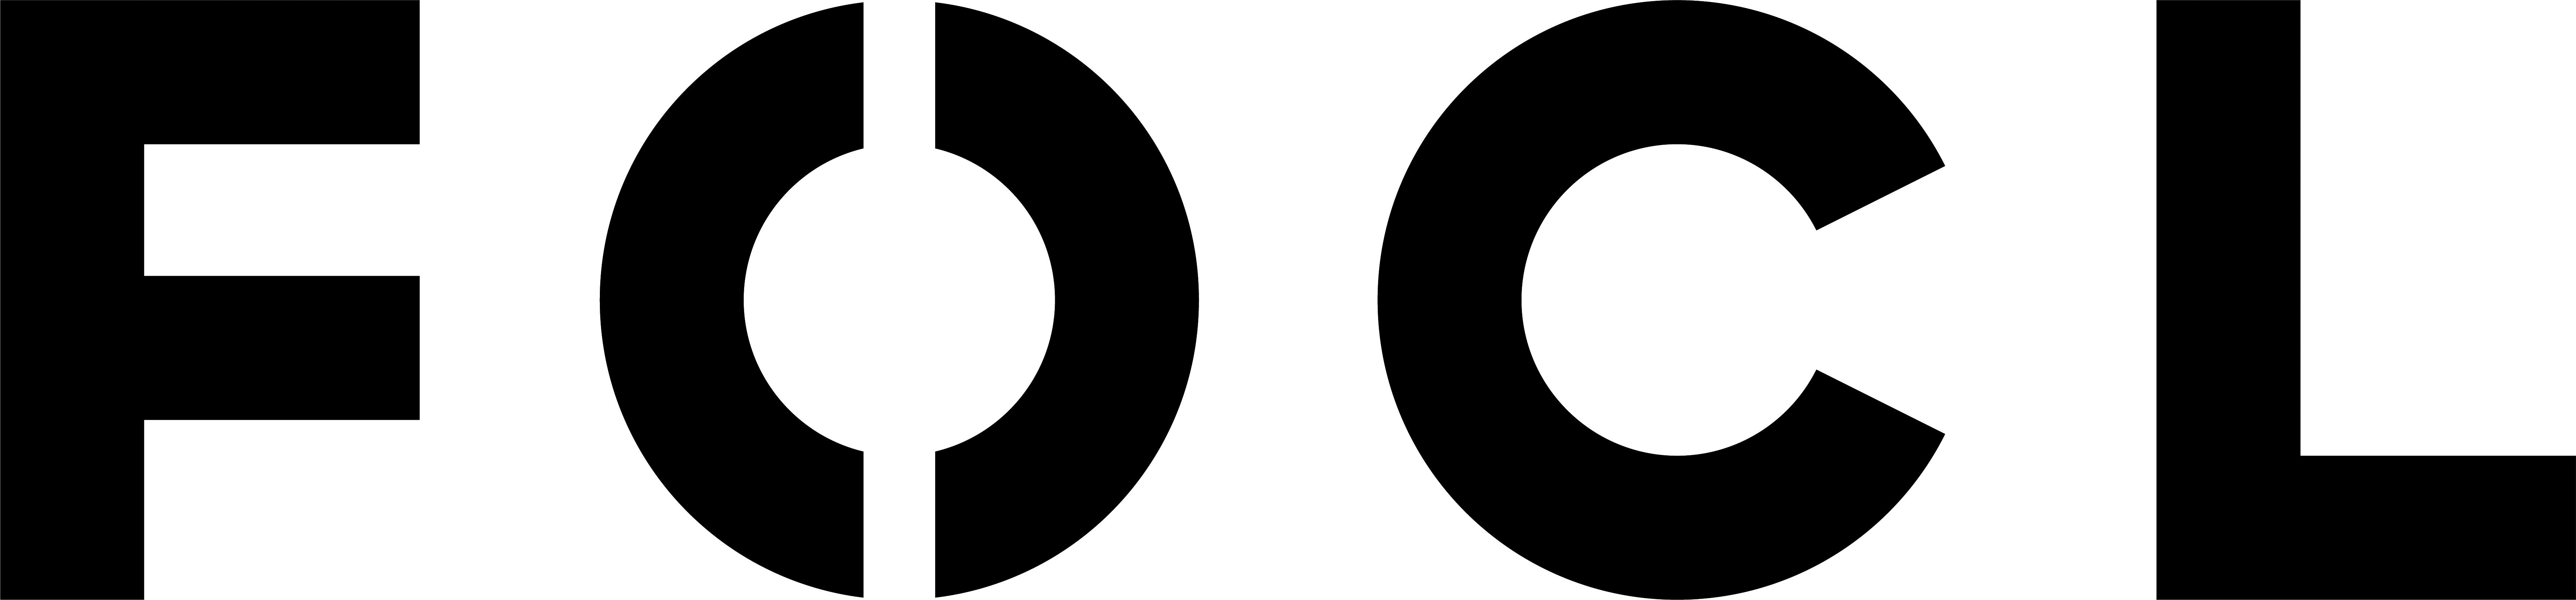 FOCL logo